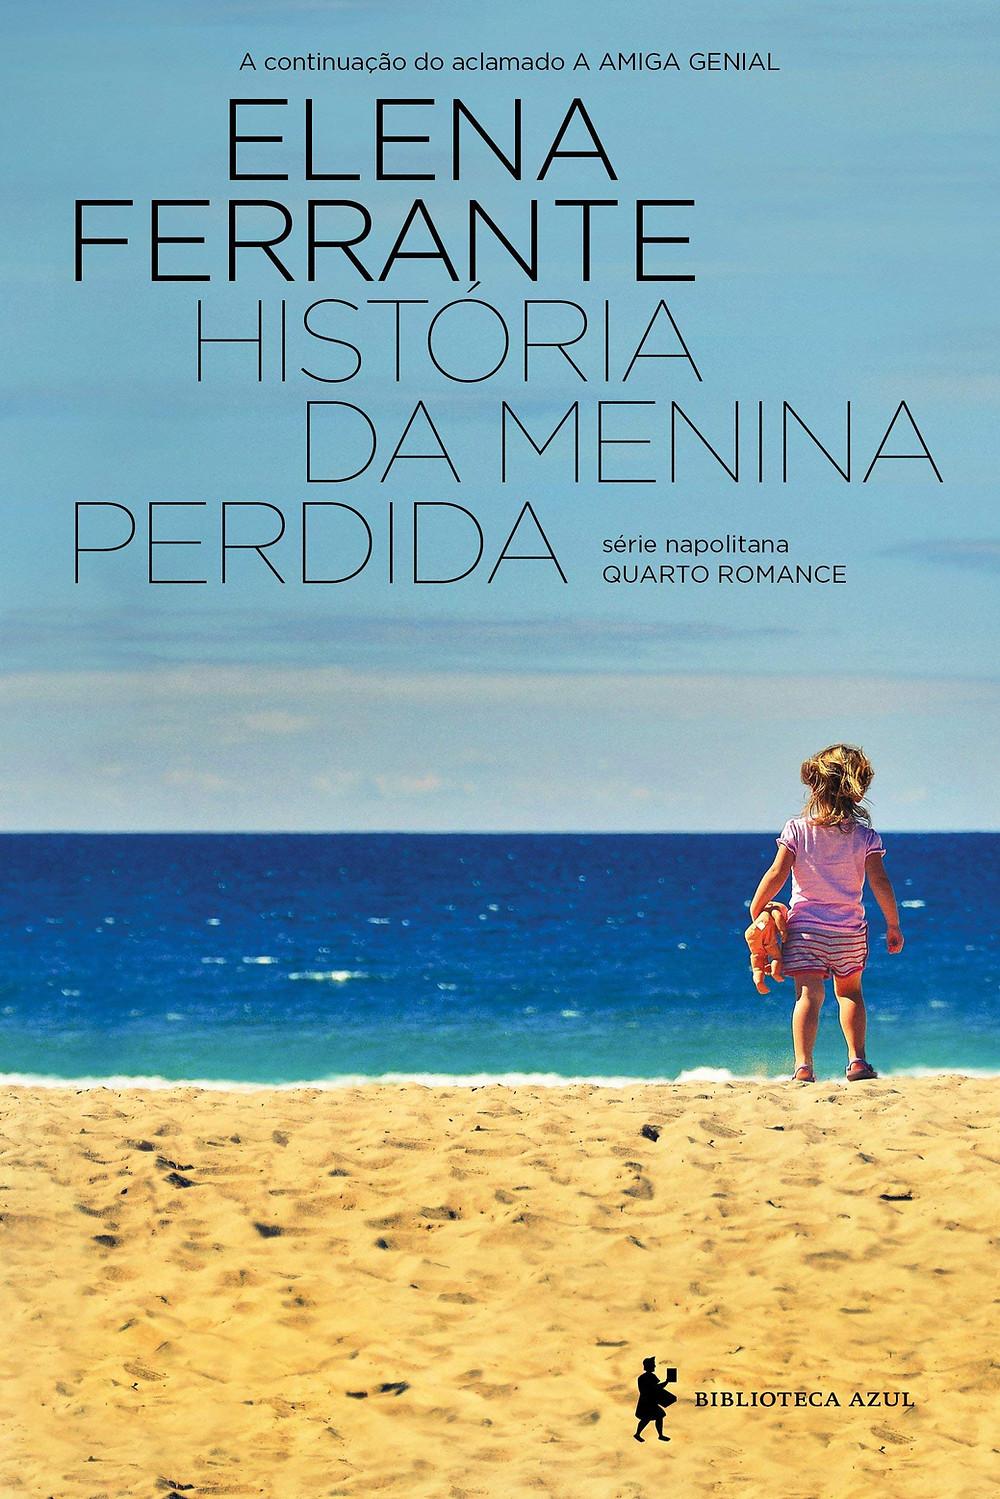 Livro História da Menina Perdida de Elena Ferrante